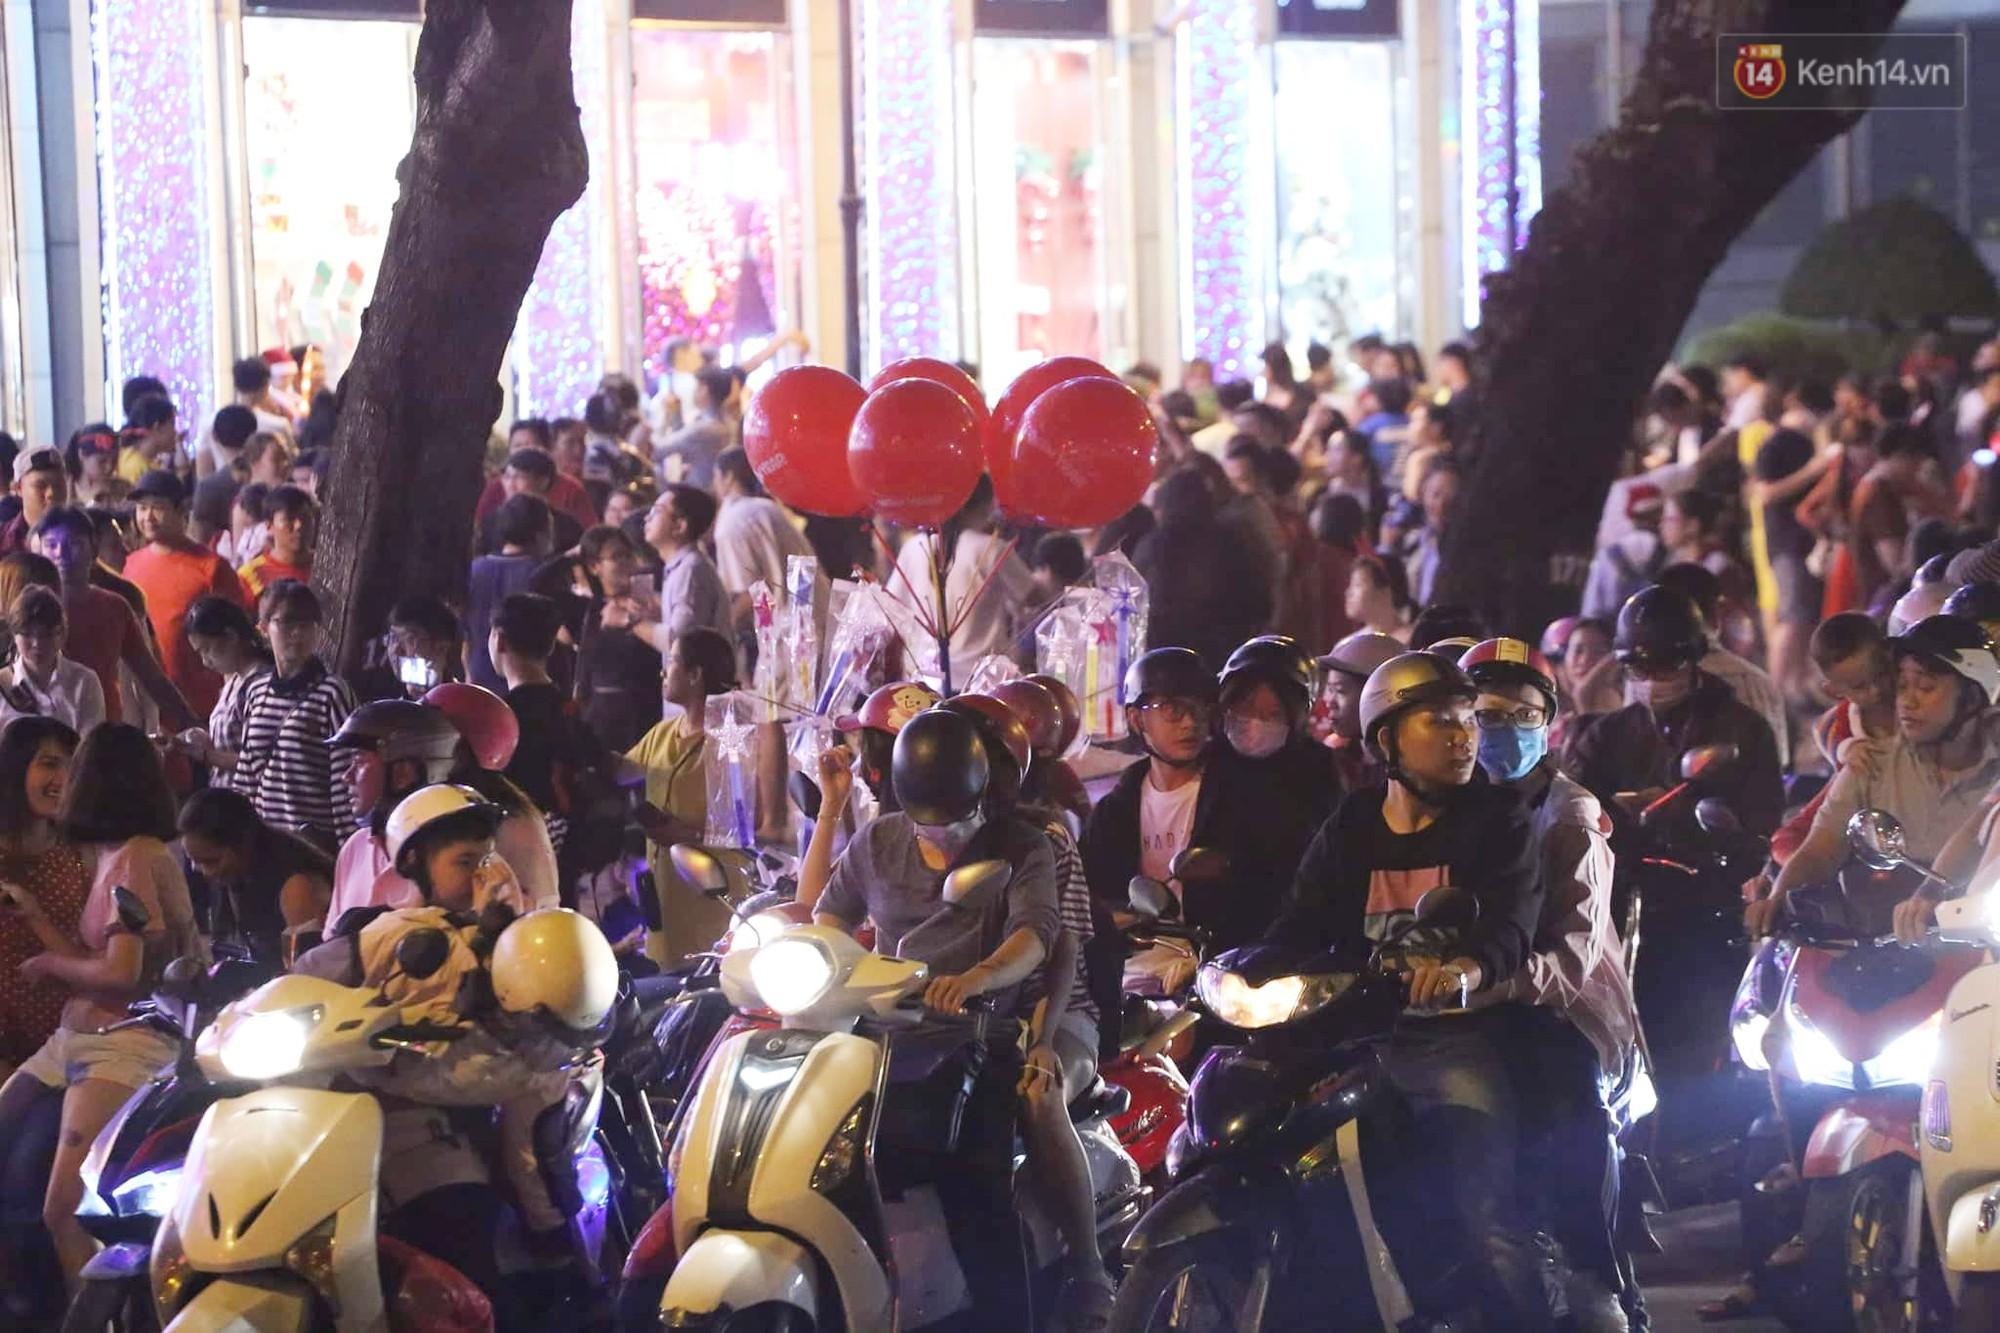 Người dân Hà Nội, Sài Gòn và Đà Nẵng nô nức xuống đường, khắp phố phường khoác lên mình tấm áo Giáng sinh đầy màu sắc - Ảnh 7.